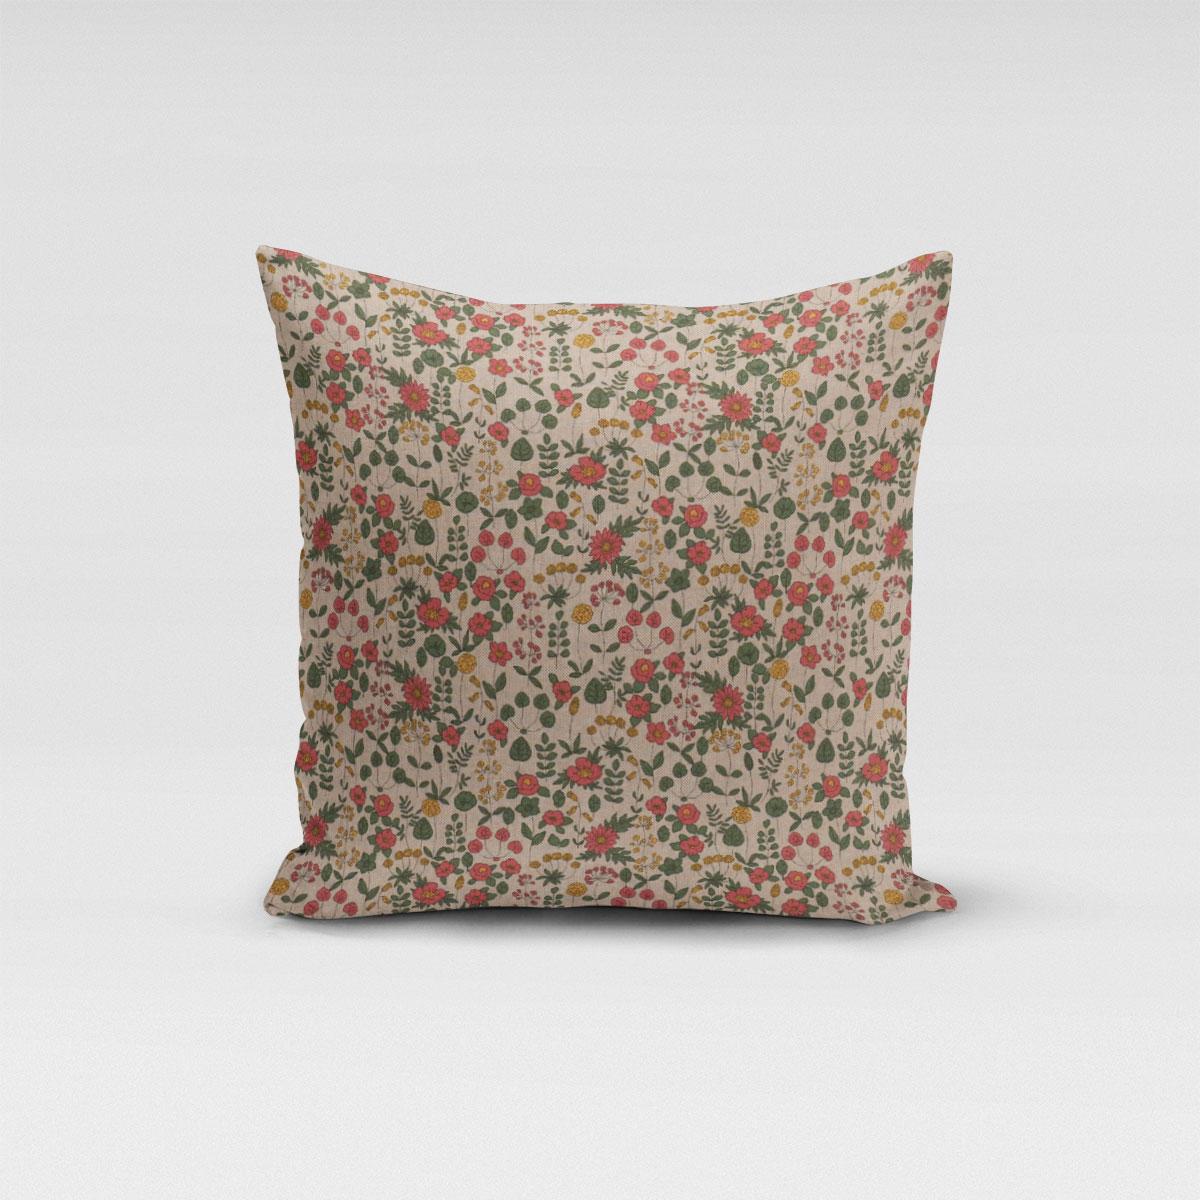 SCHÖNER LEBEN. Kissenhülle Leinenlook Lovely Flower Wiesenblumen natur rosa grün gelb verschiedene Größen